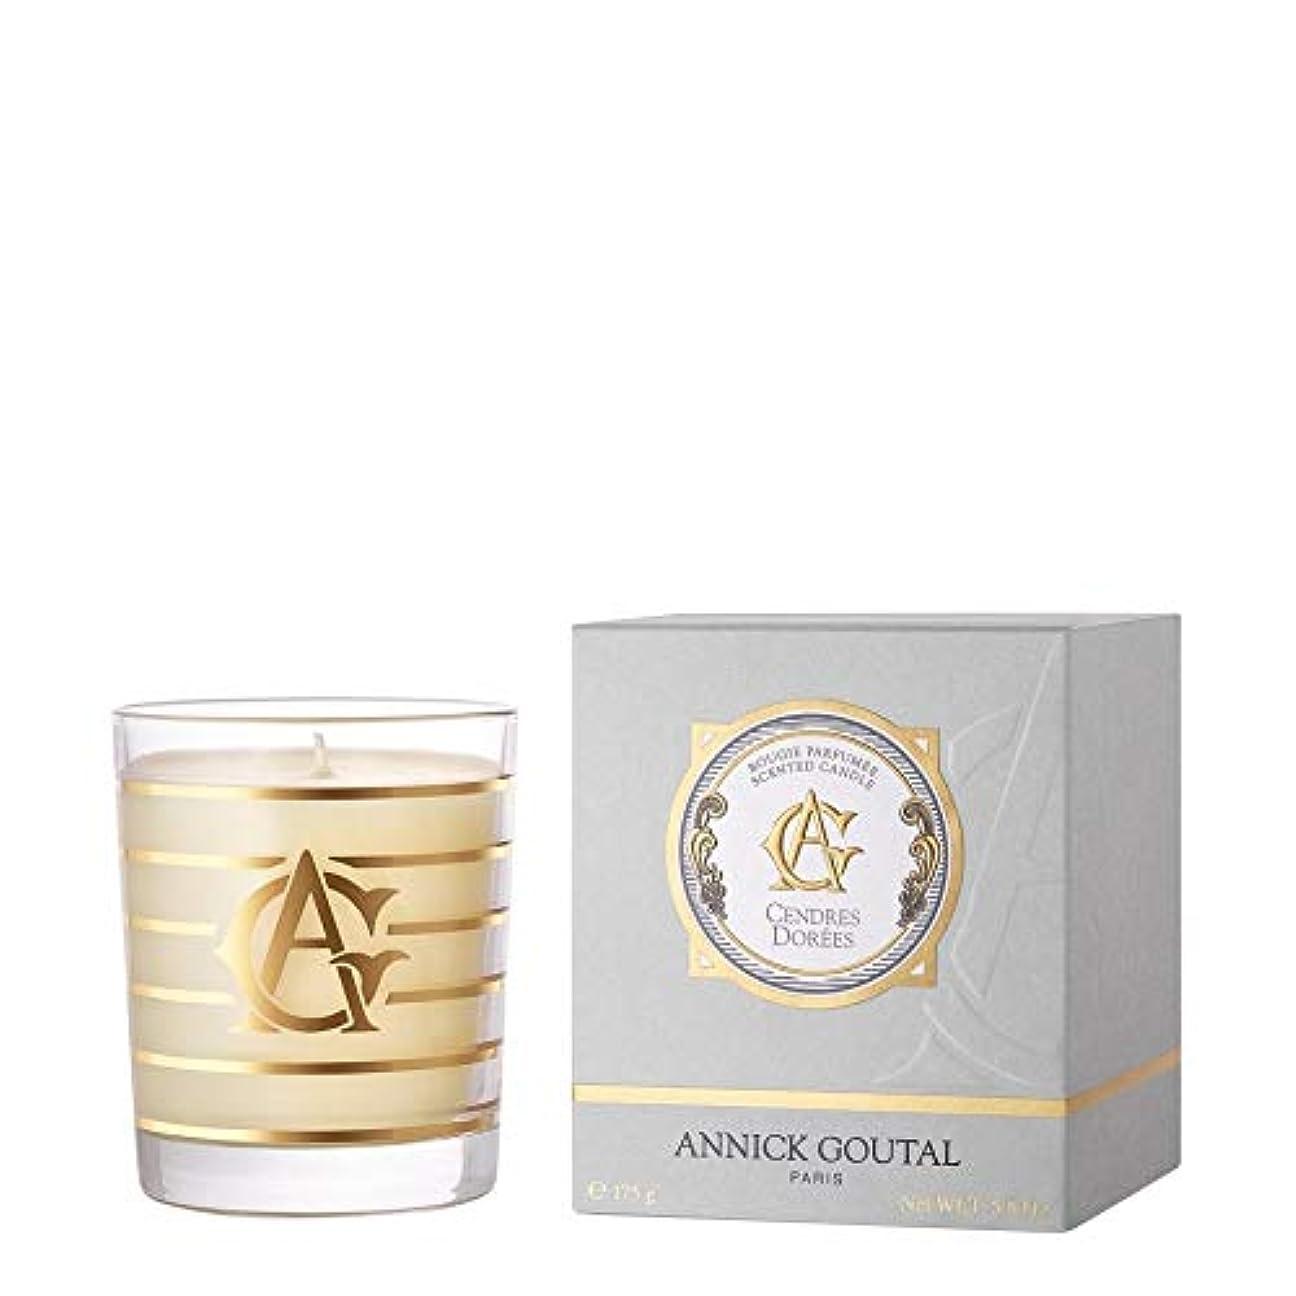 のど最大の成分[Annick Goutal ] アニックグタールCendres Dorees香りのキャンドル175グラム - Annick Goutal Cendres Dorees Perfumed Candle 175g [並行輸入品]